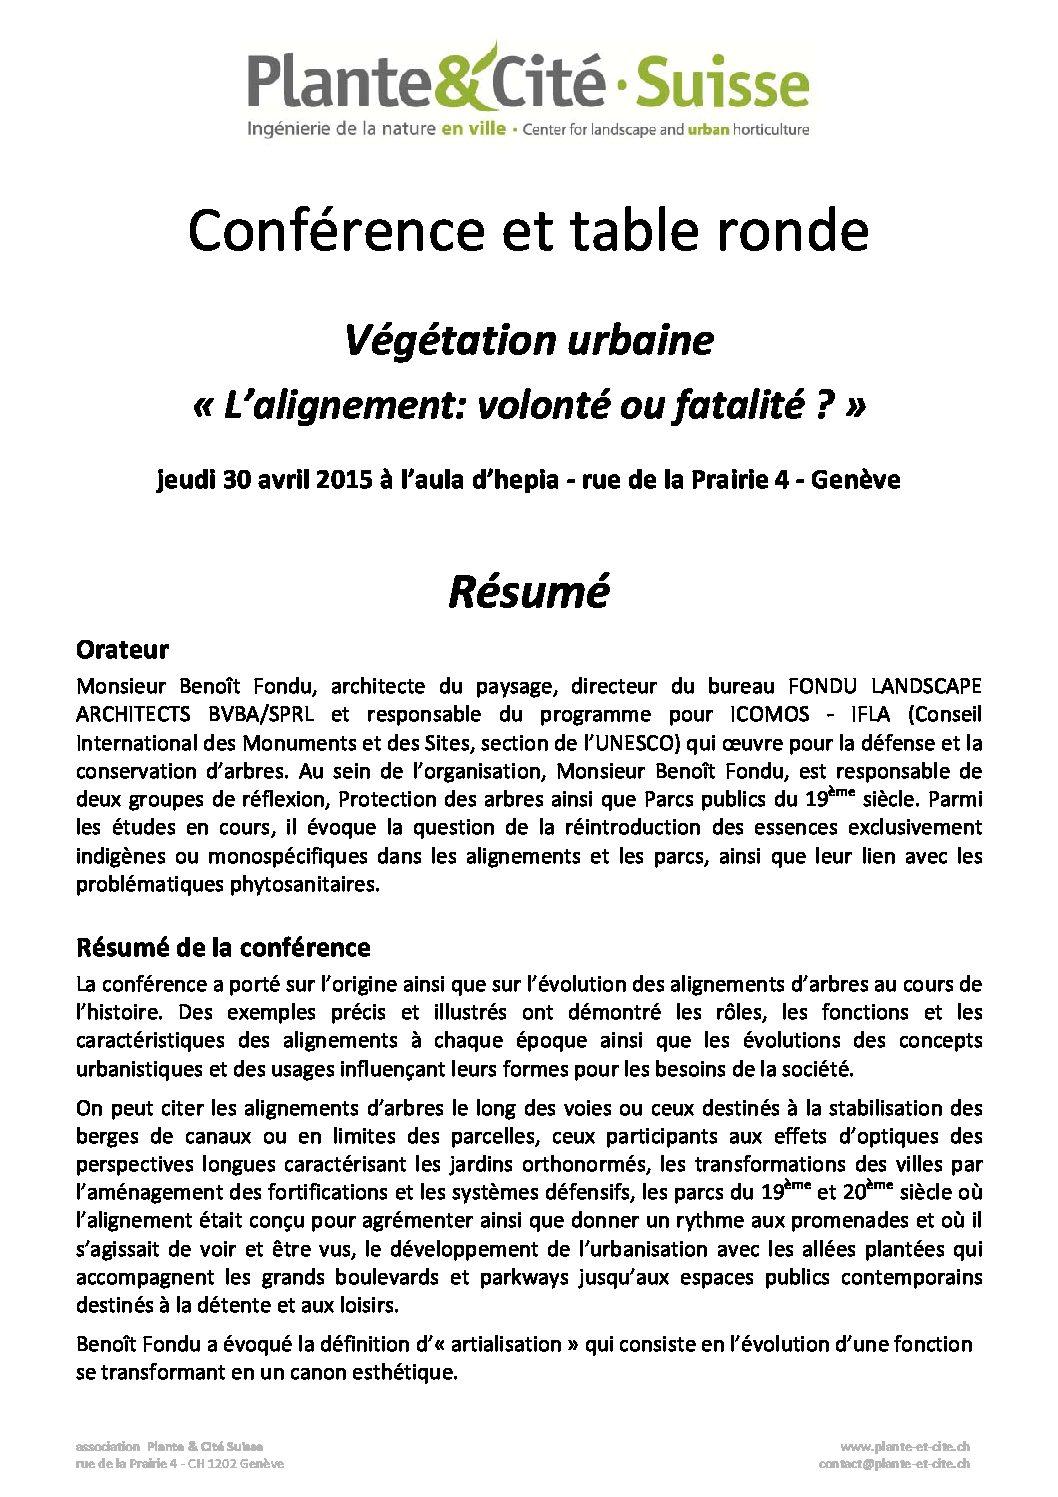 """Conférence et table ronde: """"L'alignement: volonté ou fatalité?"""""""